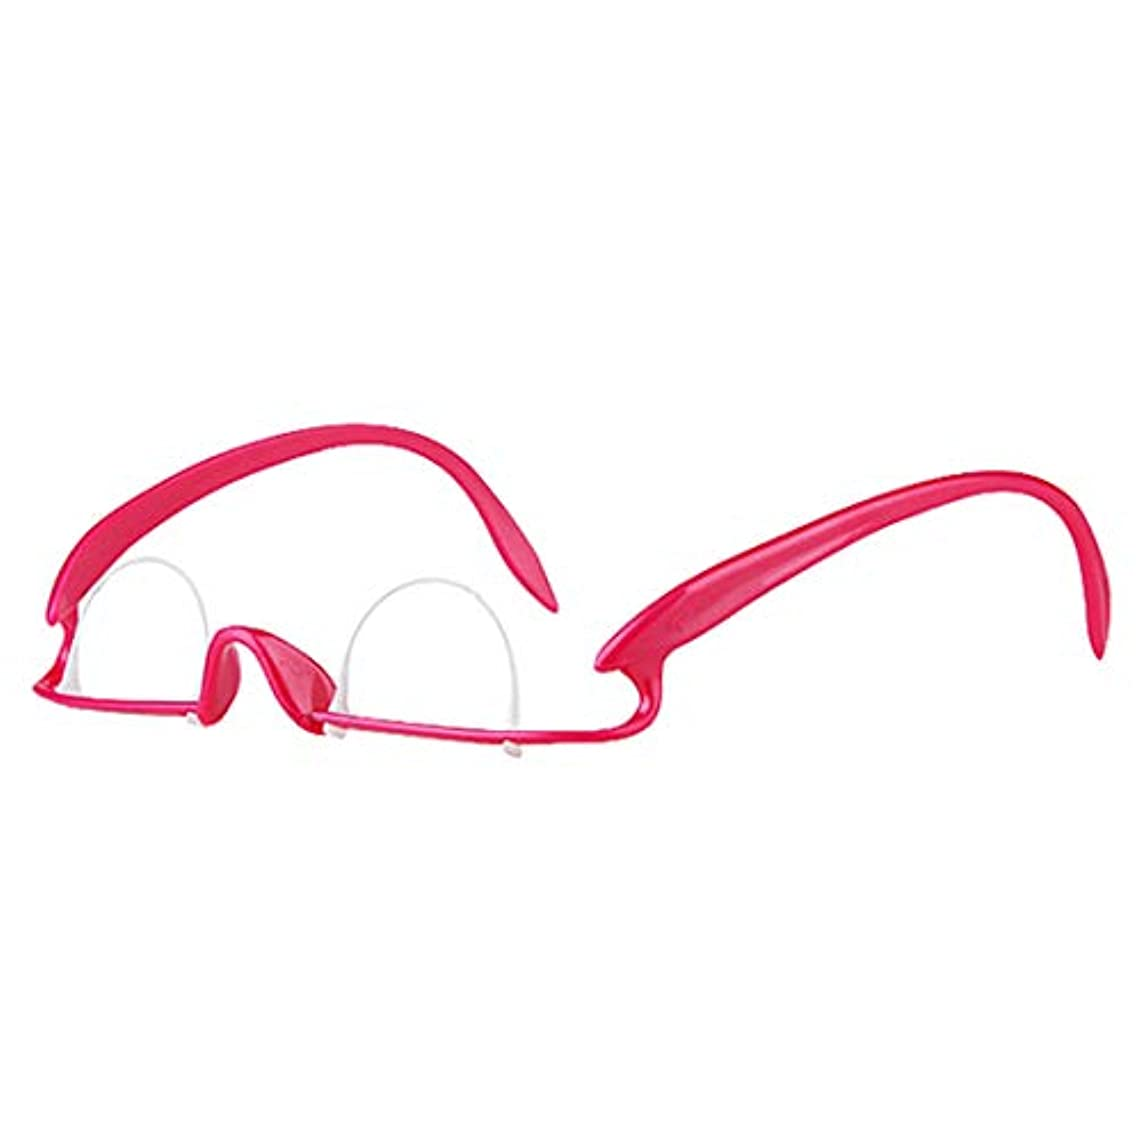 見かけ上不潔カストディアン億騰 二重まぶた用メガネ 二重まぶた運動 二重まぶた形成 二重まぶた運動器 メガネトレーナー